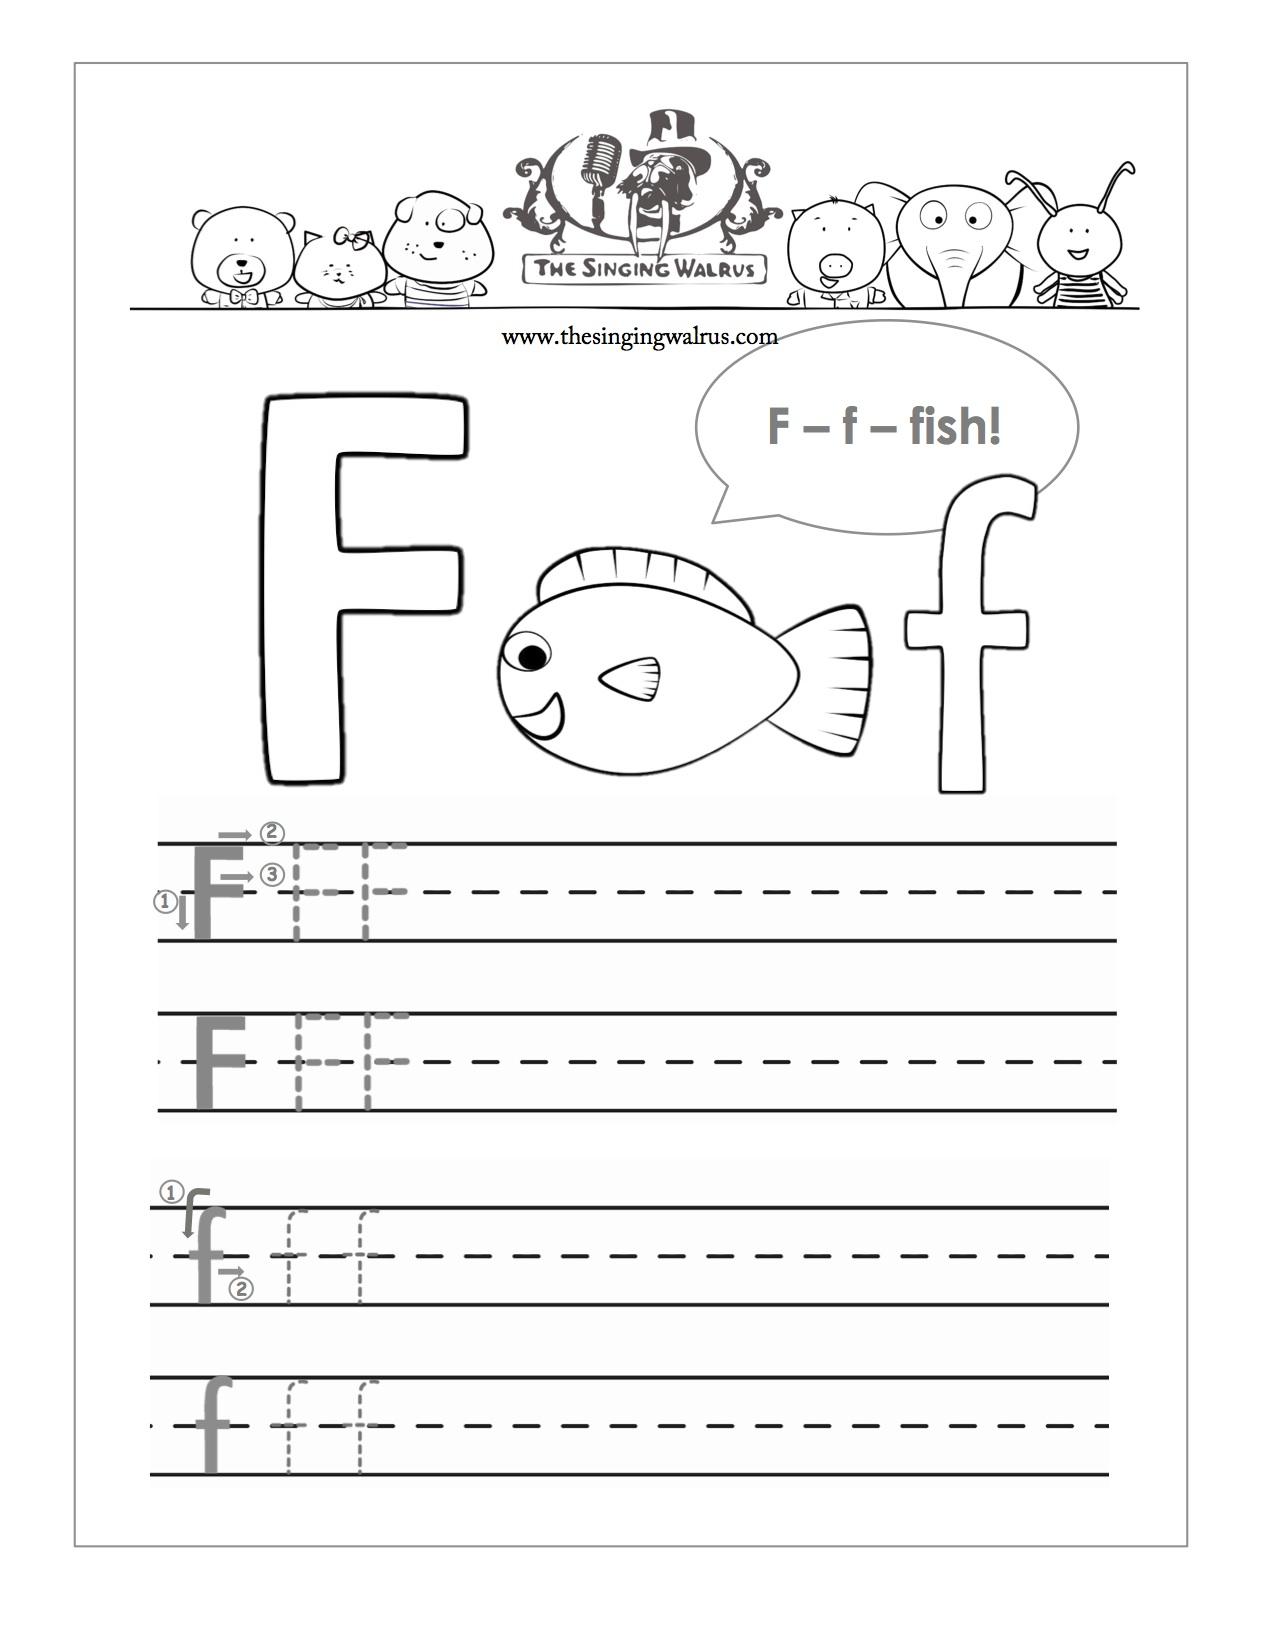 Letter E Worksheet Kidzone | Printable Worksheets And intended for Letter E Worksheets Kidzone